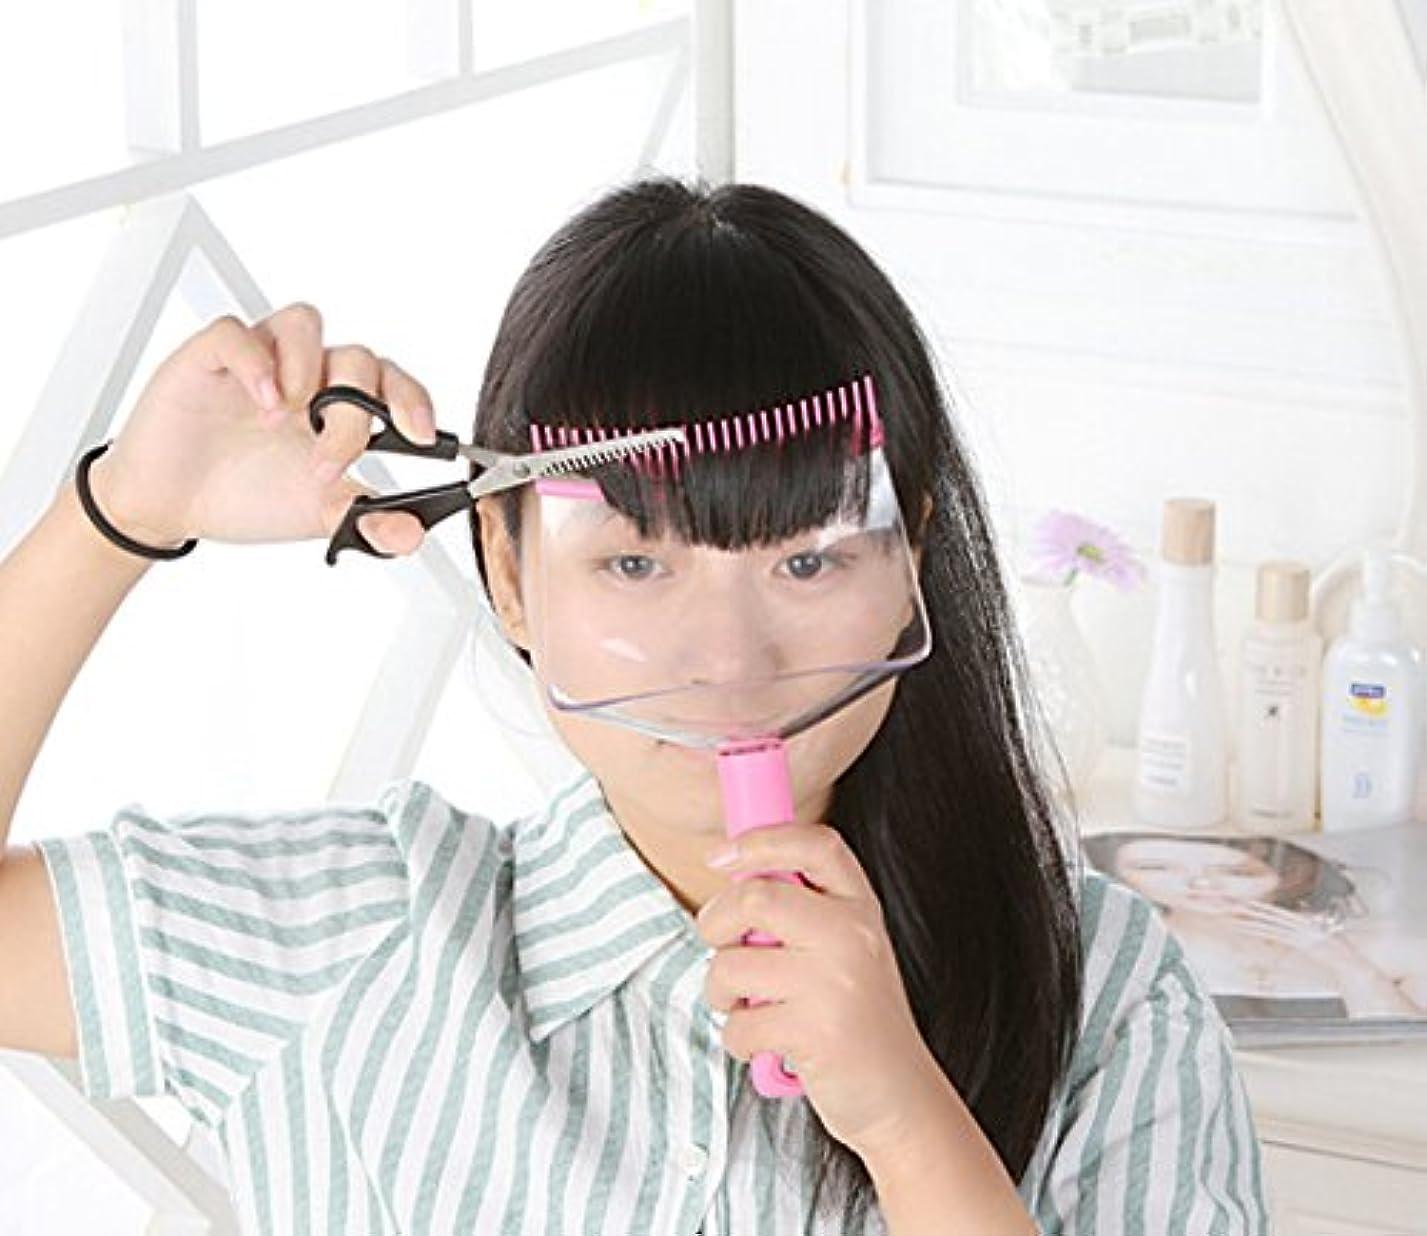 パッド弾丸矛盾するまえがみカットサポーター 自宅で美容室 散髪 セルフカット